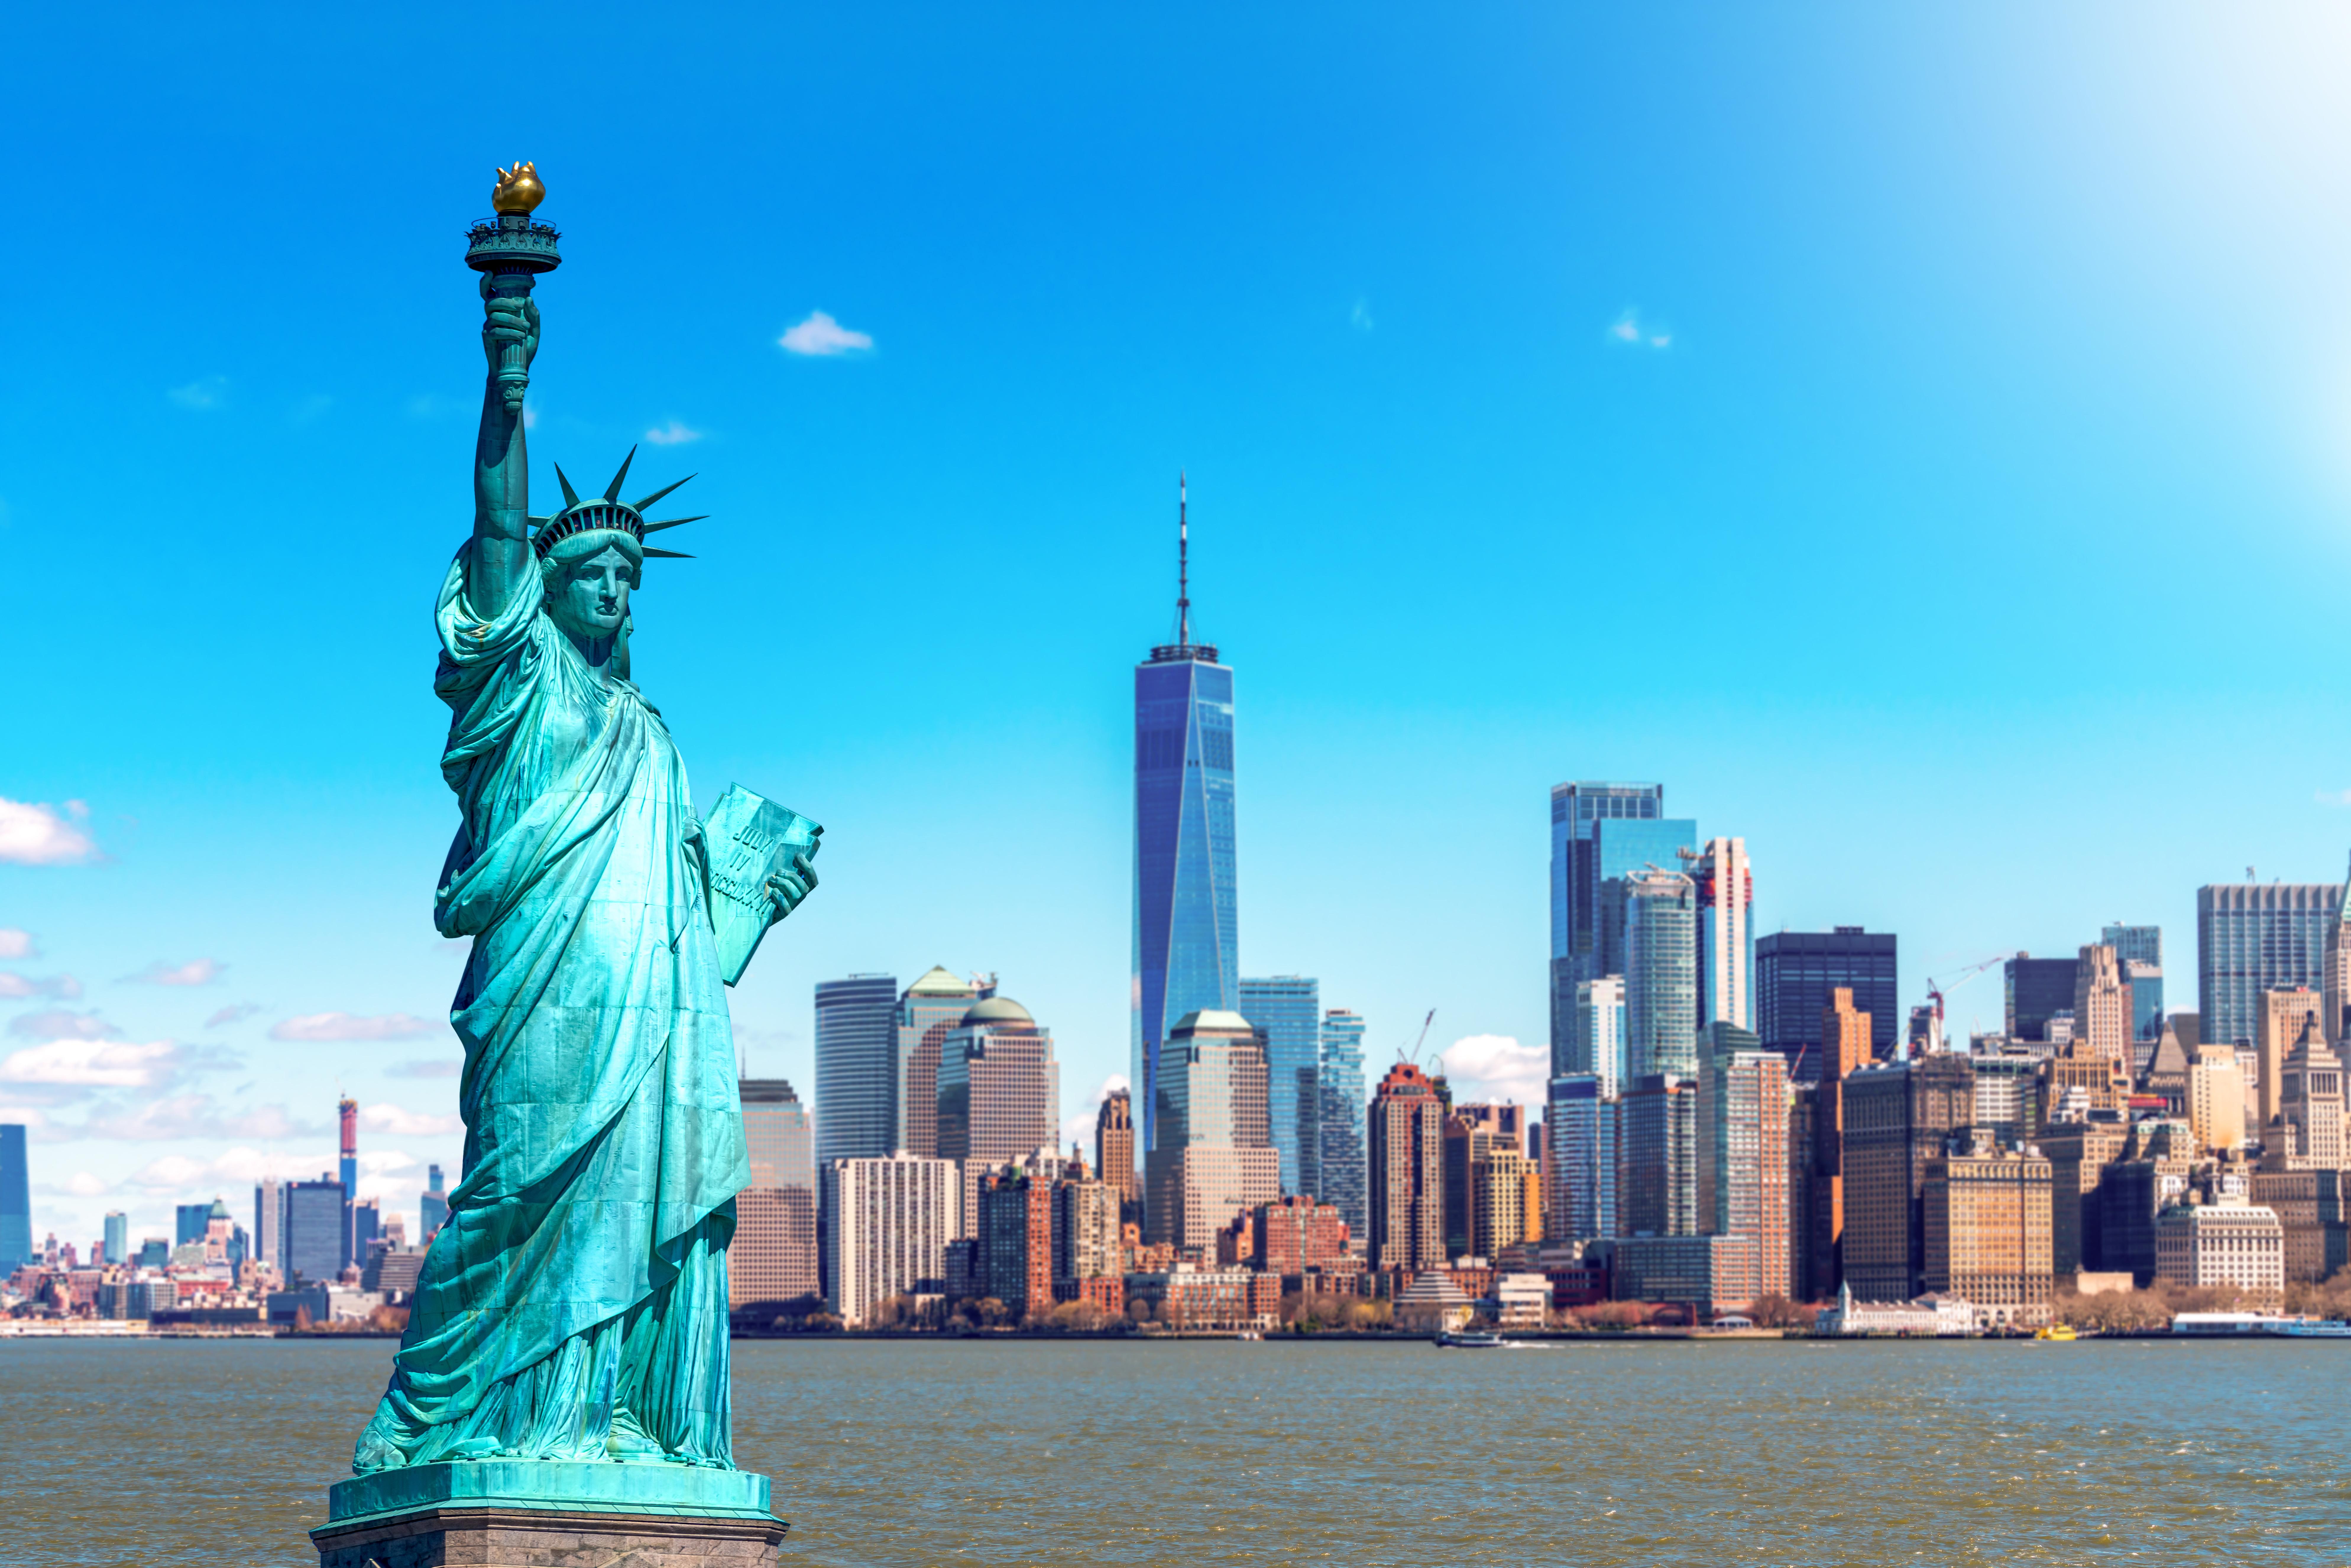 Статуя свободы на фоне города, где много вариантов открытия бизнеса в США